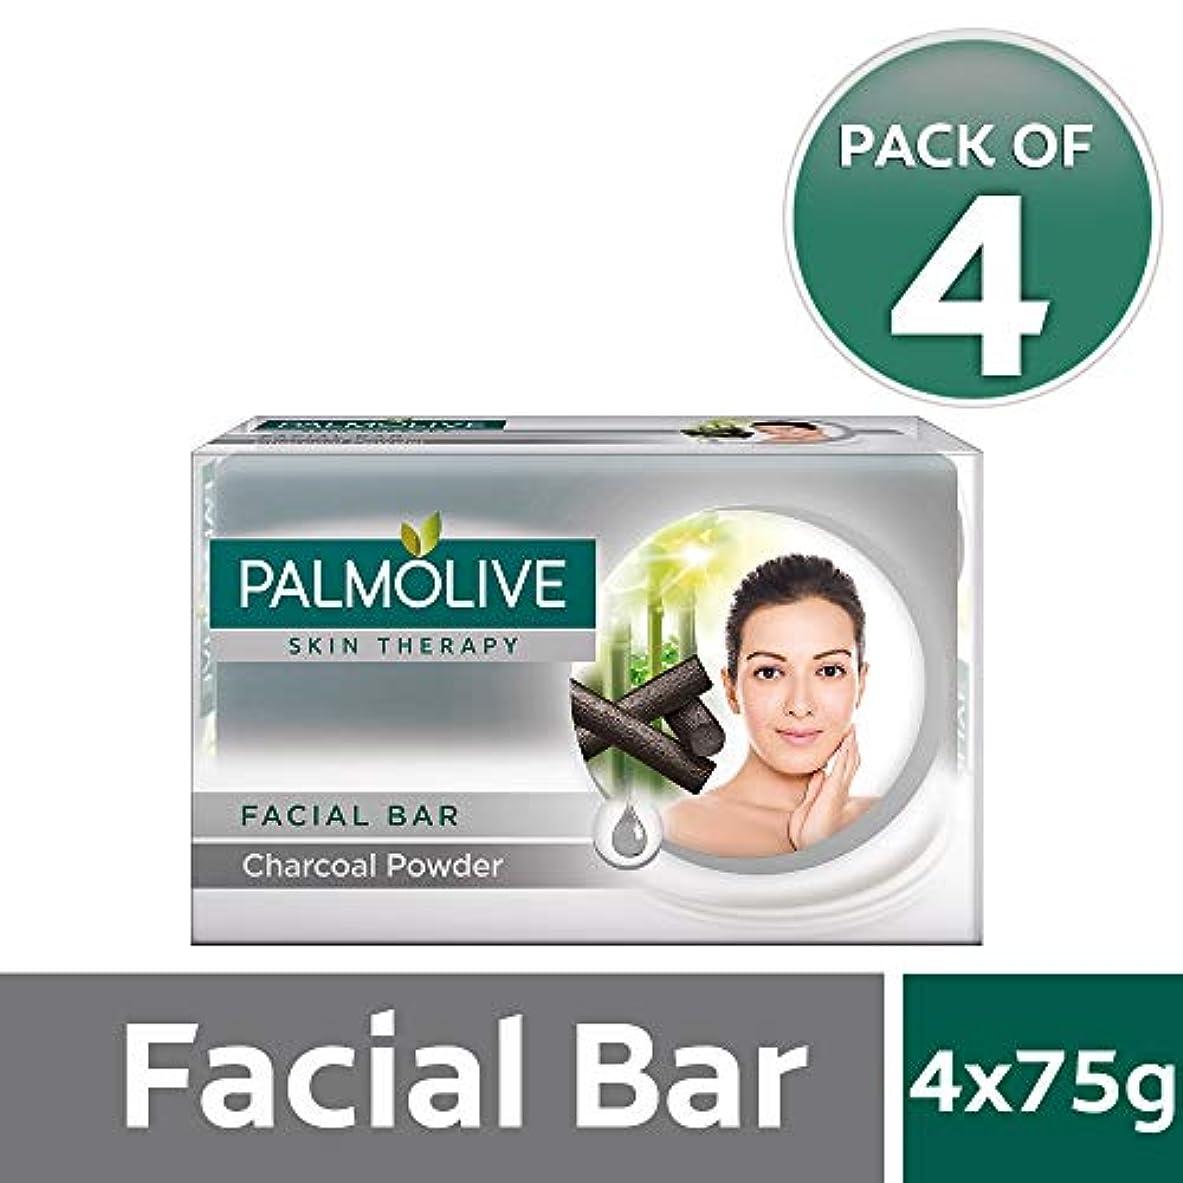 パブギターウイルスPalmolive Skin Therapy Facial Bar Soap with Charcoal Powder - 75g (Pack of 4)